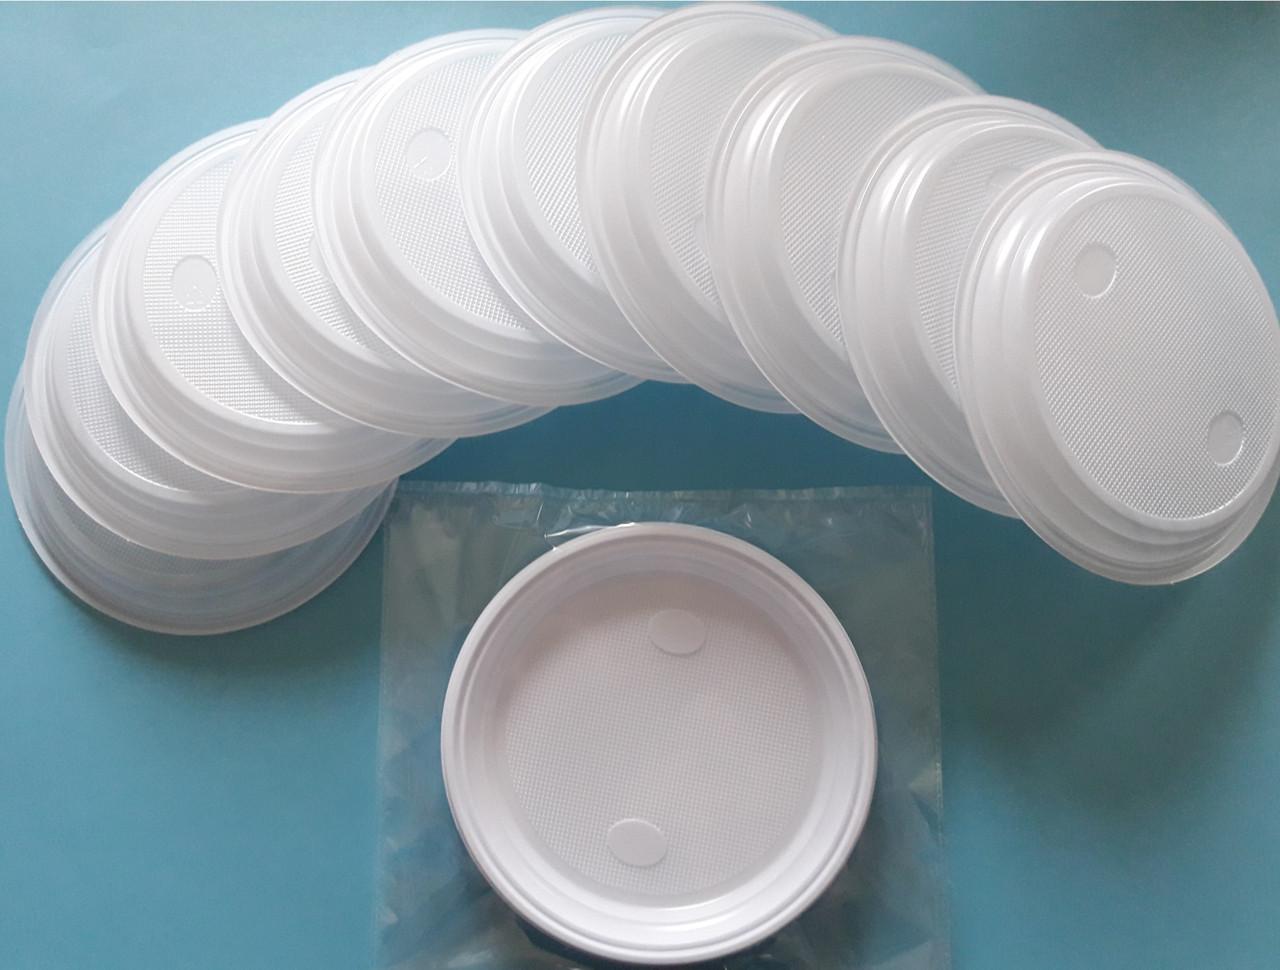 Тарелка одноразовая белая 210 мм 10 шт/уп Sherdin